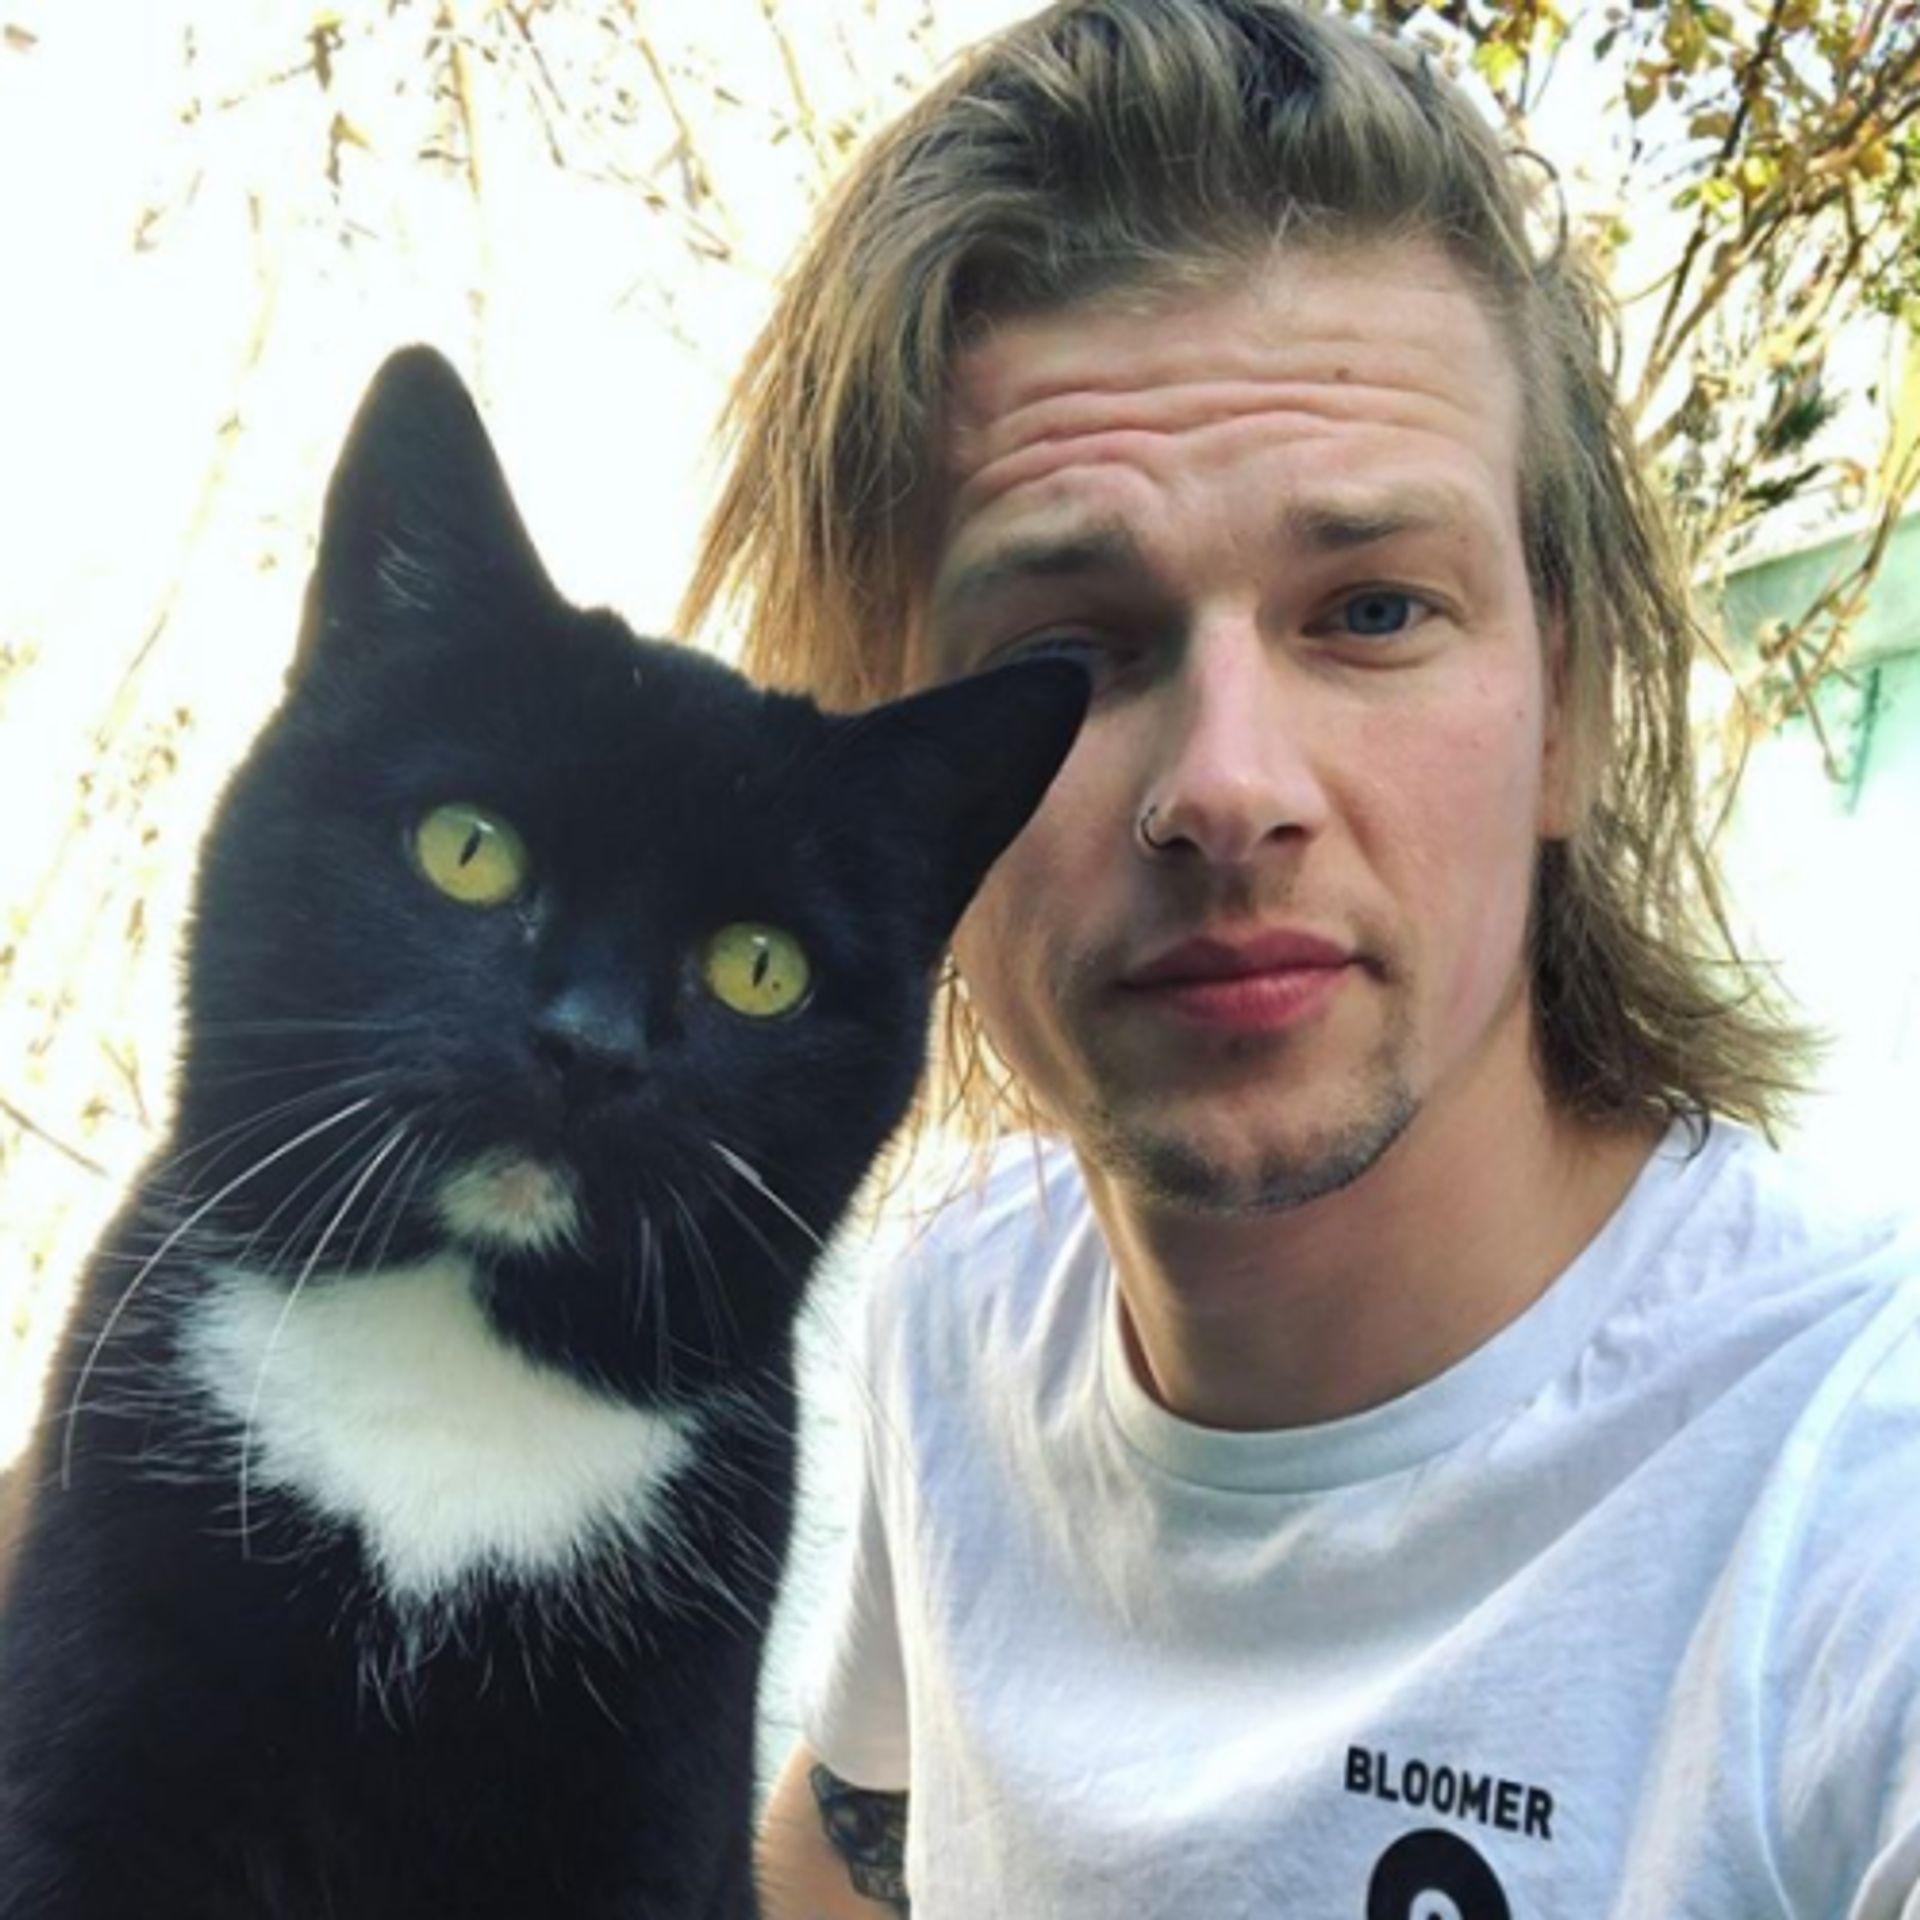 Kimi's Dagboek: Sander is het tegenovergestelde van een intellectueel